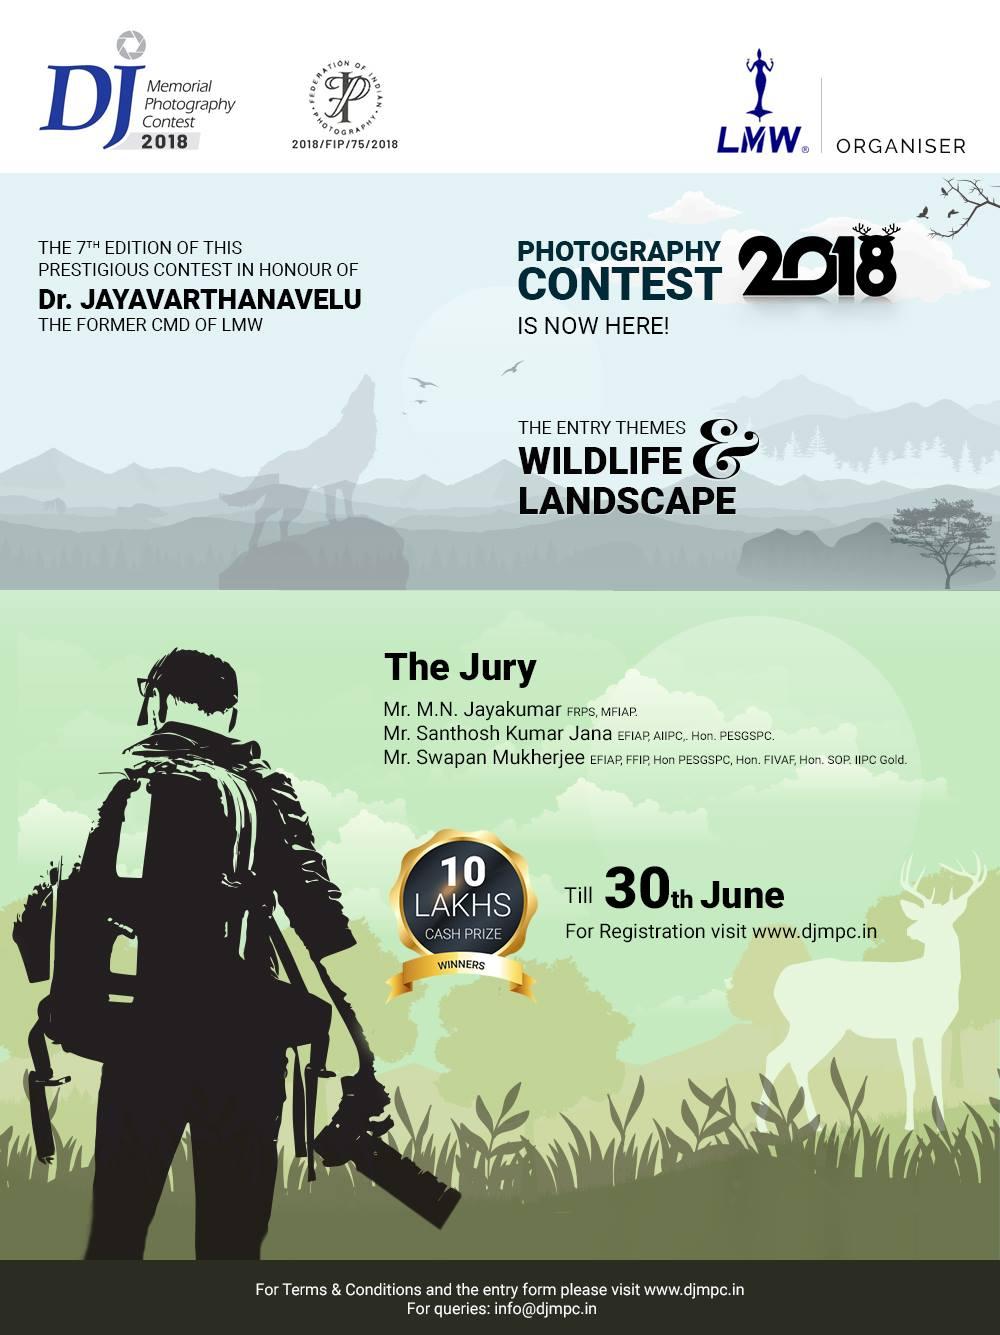 DJ Memorial Photographic Contest-2018 - logo